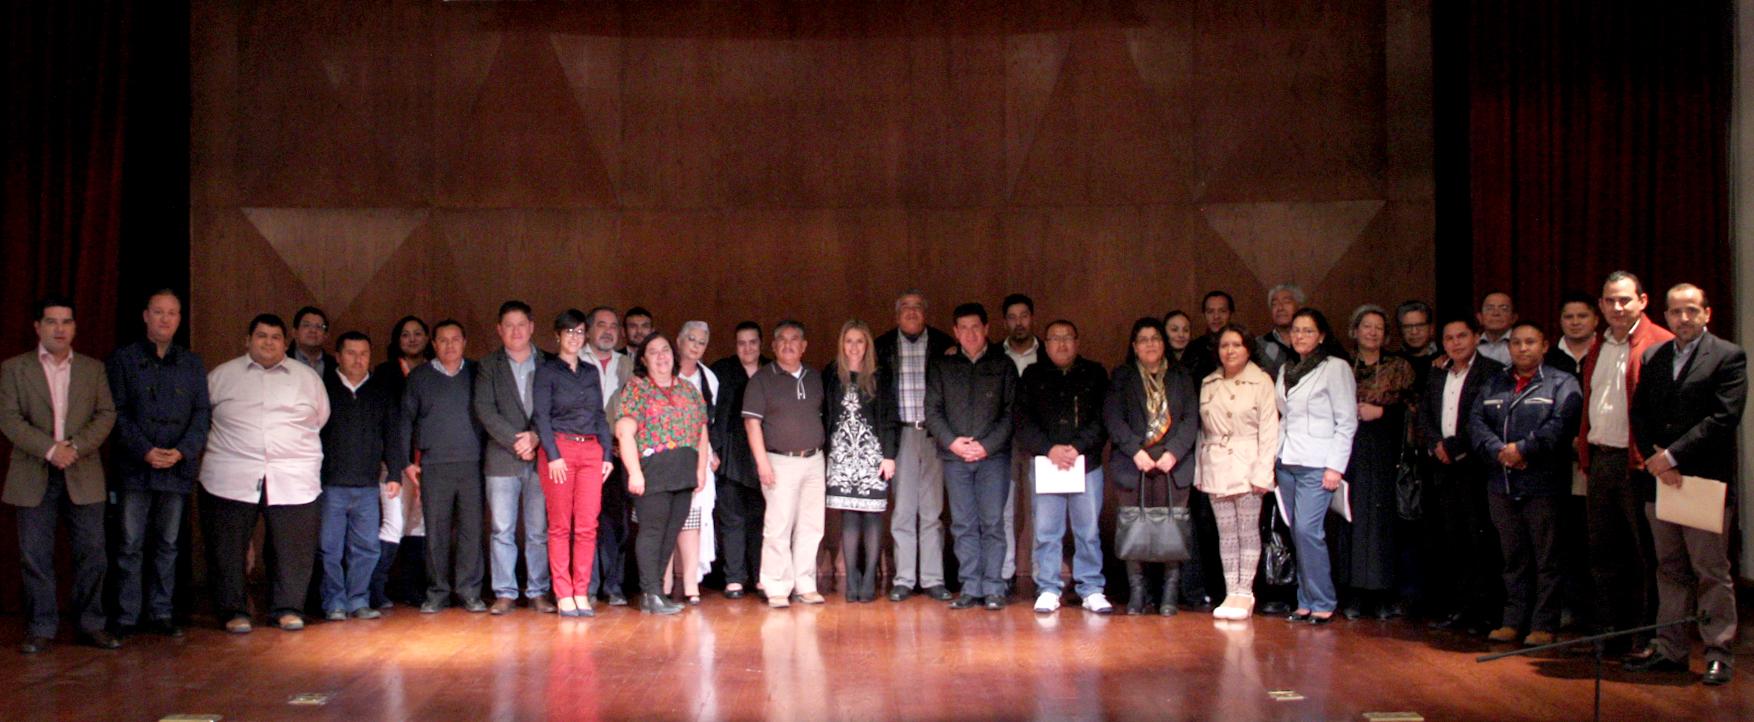 Realiza IQCA la 1ª Reunión de Autoridades Municipales y el Sector Cultural del Estado de Querétaro